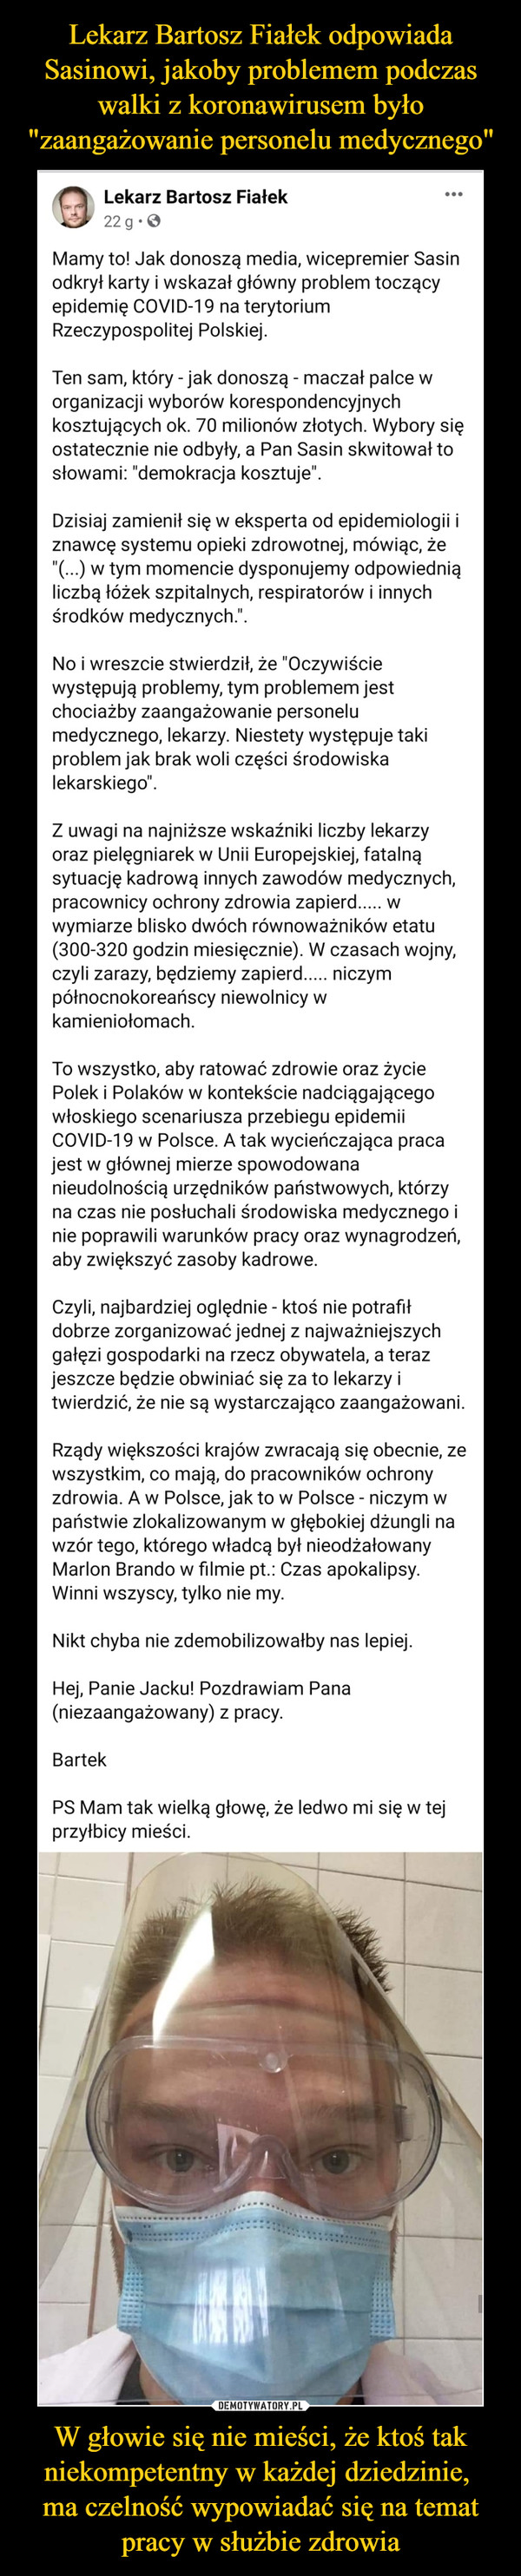 """W głowie się nie mieści, że ktoś tak niekompetentny w każdej dziedzinie, ma czelność wypowiadać się na temat pracy w służbie zdrowia –  Mamy to! Jak donoszą media, wicepremier Sasin odkrył karty i wskazał główny problem toczący epidemię COVID-19 na terytorium Rzeczypospolitej Polskiej.Ten sam, który - jak donoszą - maczał palce w organizacji wyborów korespondencyjnych kosztujących ok. 70 milionów złotych. Wybory się ostatecznie nie odbyły, a Pan Sasin skwitował to słowami: """"demokracja kosztuje"""".Dzisiaj zamienił się w eksperta od epidemiologii i znawcę systemu opieki zdrowotnej, mówiąc, że """"(...) w tym momencie dysponujemy odpowiednią liczbą łóżek szpitalnych, respiratorów i innych środków medycznych."""".No i wreszcie stwierdził, że """"Oczywiście występują problemy, tym problemem jest chociażby zaangażowanie personelu medycznego, lekarzy. Niestety występuje taki problem jak brak woli części środowiska lekarskiego"""".Z uwagi na najniższe wskaźniki liczby lekarzy oraz pielęgniarek w Unii Europejskiej, fatalną sytuację kadrową innych zawodów medycznych, pracownicy ochrony zdrowia zapierd..... w wymiarze blisko dwóch równoważników etatu (300-320 godzin miesięcznie). W czasach wojny, czyli zarazy, będziemy zapierd..... niczym północnokoreańscy niewolnicy w kamieniołomach.To wszystko, aby ratować zdrowie oraz życie Polek i Polaków w kontekście nadciągającego włoskiego scenariusza przebiegu epidemii COVID-19 w Polsce. A tak wycieńczająca praca jest w głównej mierze spowodowana nieudolnością urzędników państwowych, którzy na czas nie posłuchali środowiska medycznego i nie poprawili warunków pracy oraz wynagrodzeń, aby zwiększyć zasoby kadrowe.Czyli, najbardziej oględnie - ktoś nie potrafił dobrze zorganizować jednej z najważniejszych gałęzi gospodarki na rzecz obywatela, a teraz jeszcze będzie obwiniać się za to lekarzy i twierdzić, że nie są wystarczająco zaangażowani.Rządy większości krajów zwracają się obecnie, ze wszystkim, co mają, do pracowników ochrony zdrowia. A w Polsce, """